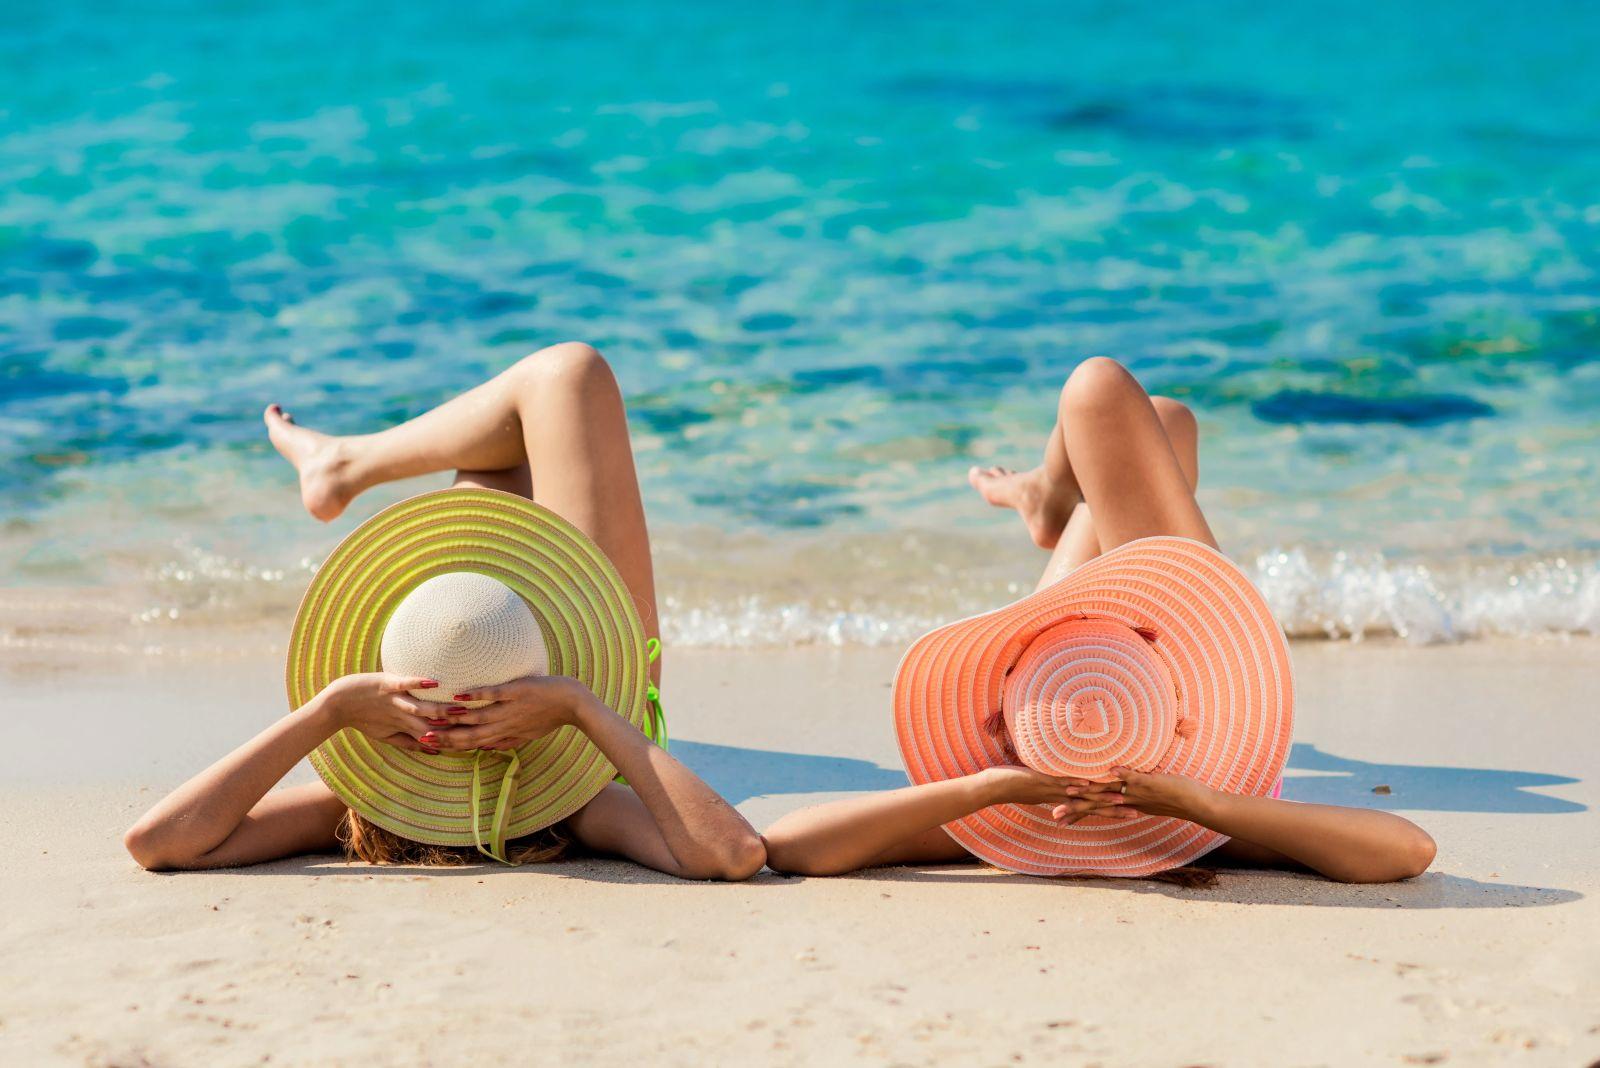 Zwei Frauen entspannen am Strand